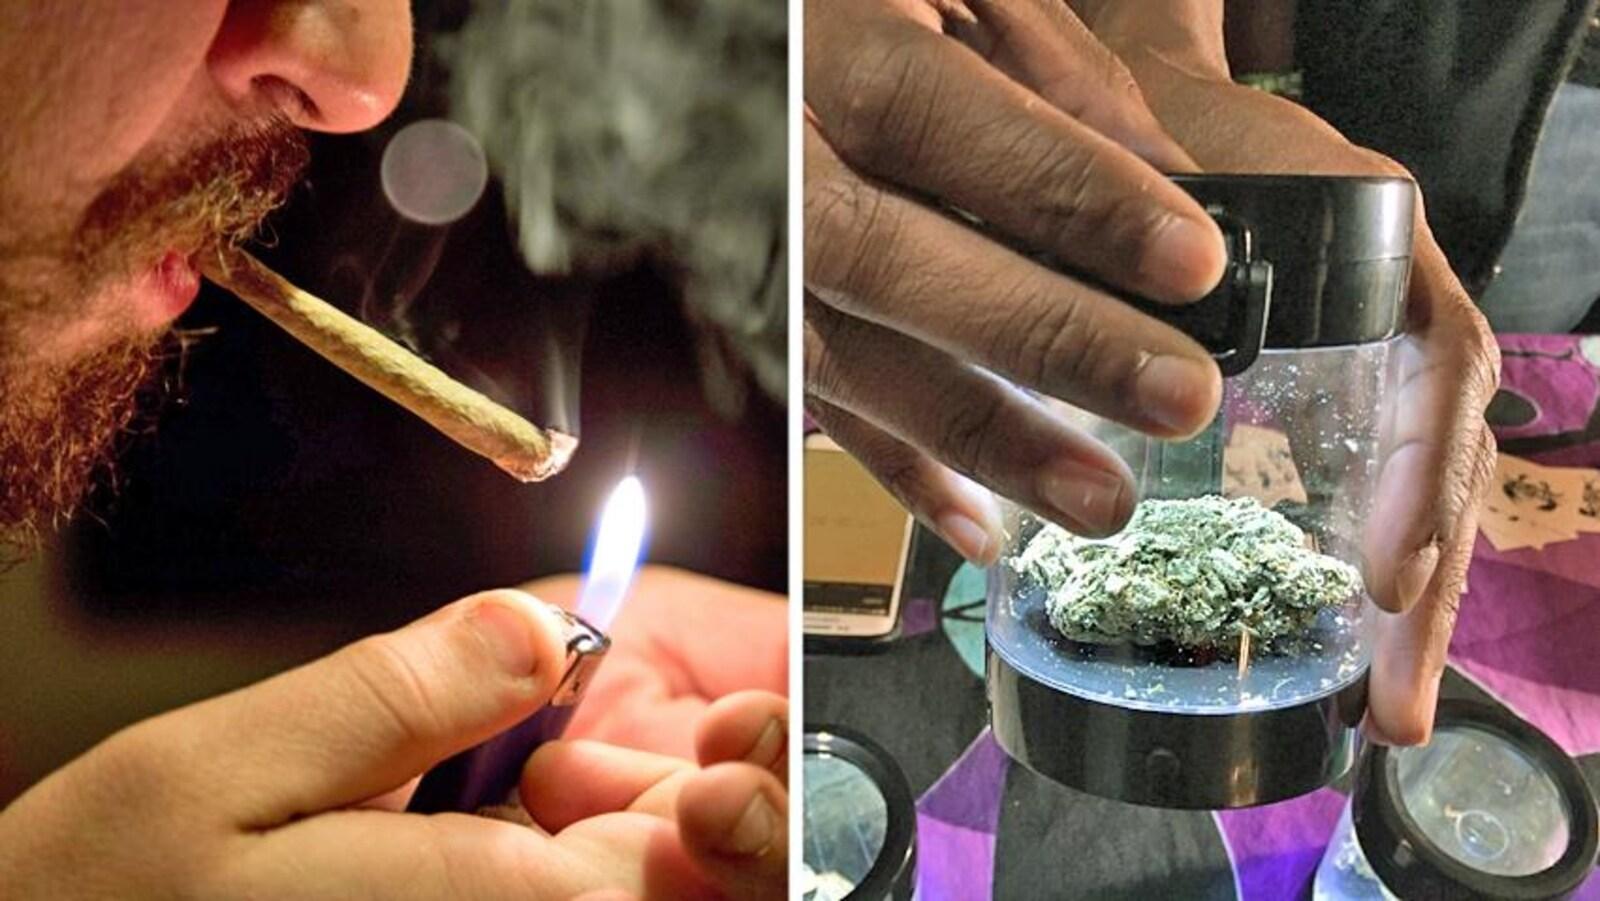 L'usage de la marijuana à des fins personnelles et récréatives est devenu légal à Washington dans le cadre d'un référendum en 2014. La possession, la culture et le don de cannabis aux adultes ont été autorités.